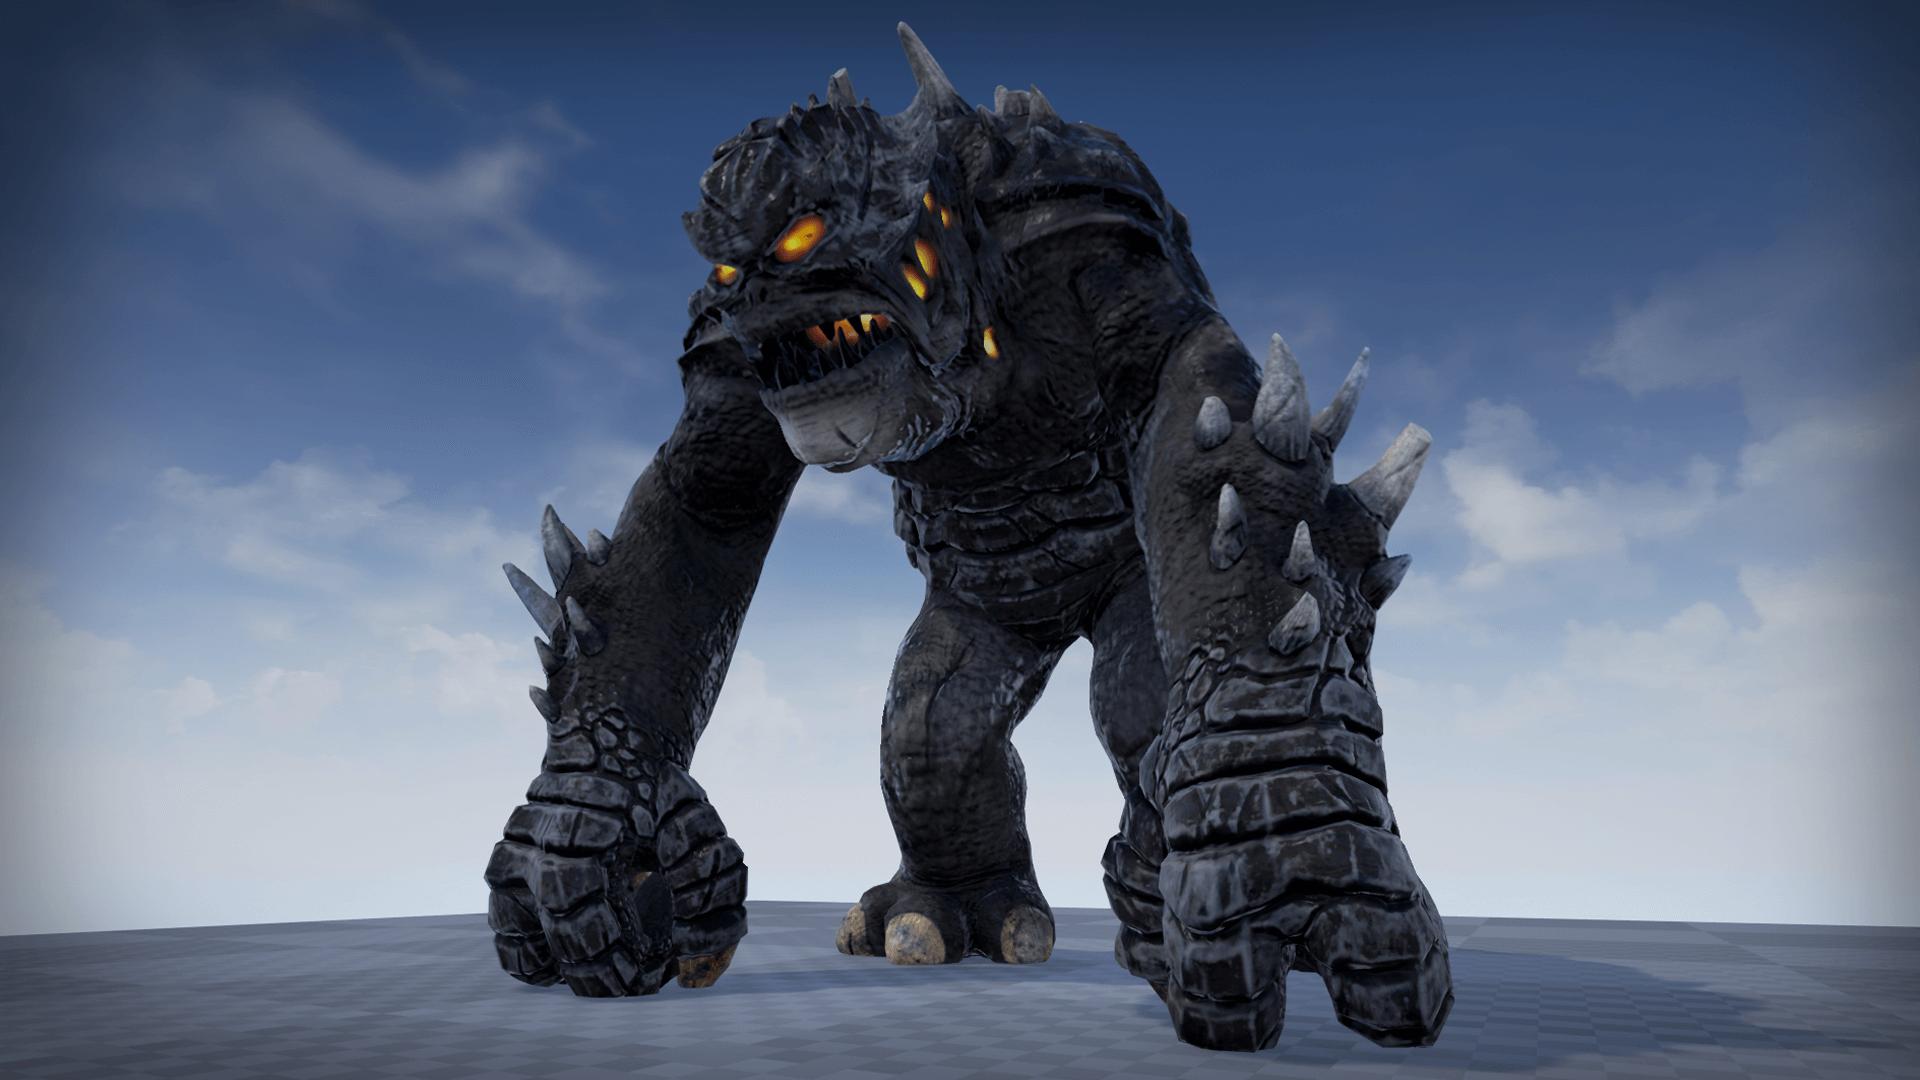 Heroic Fantasy Bosses: Monster Boss by PROTOFACTOR INC in